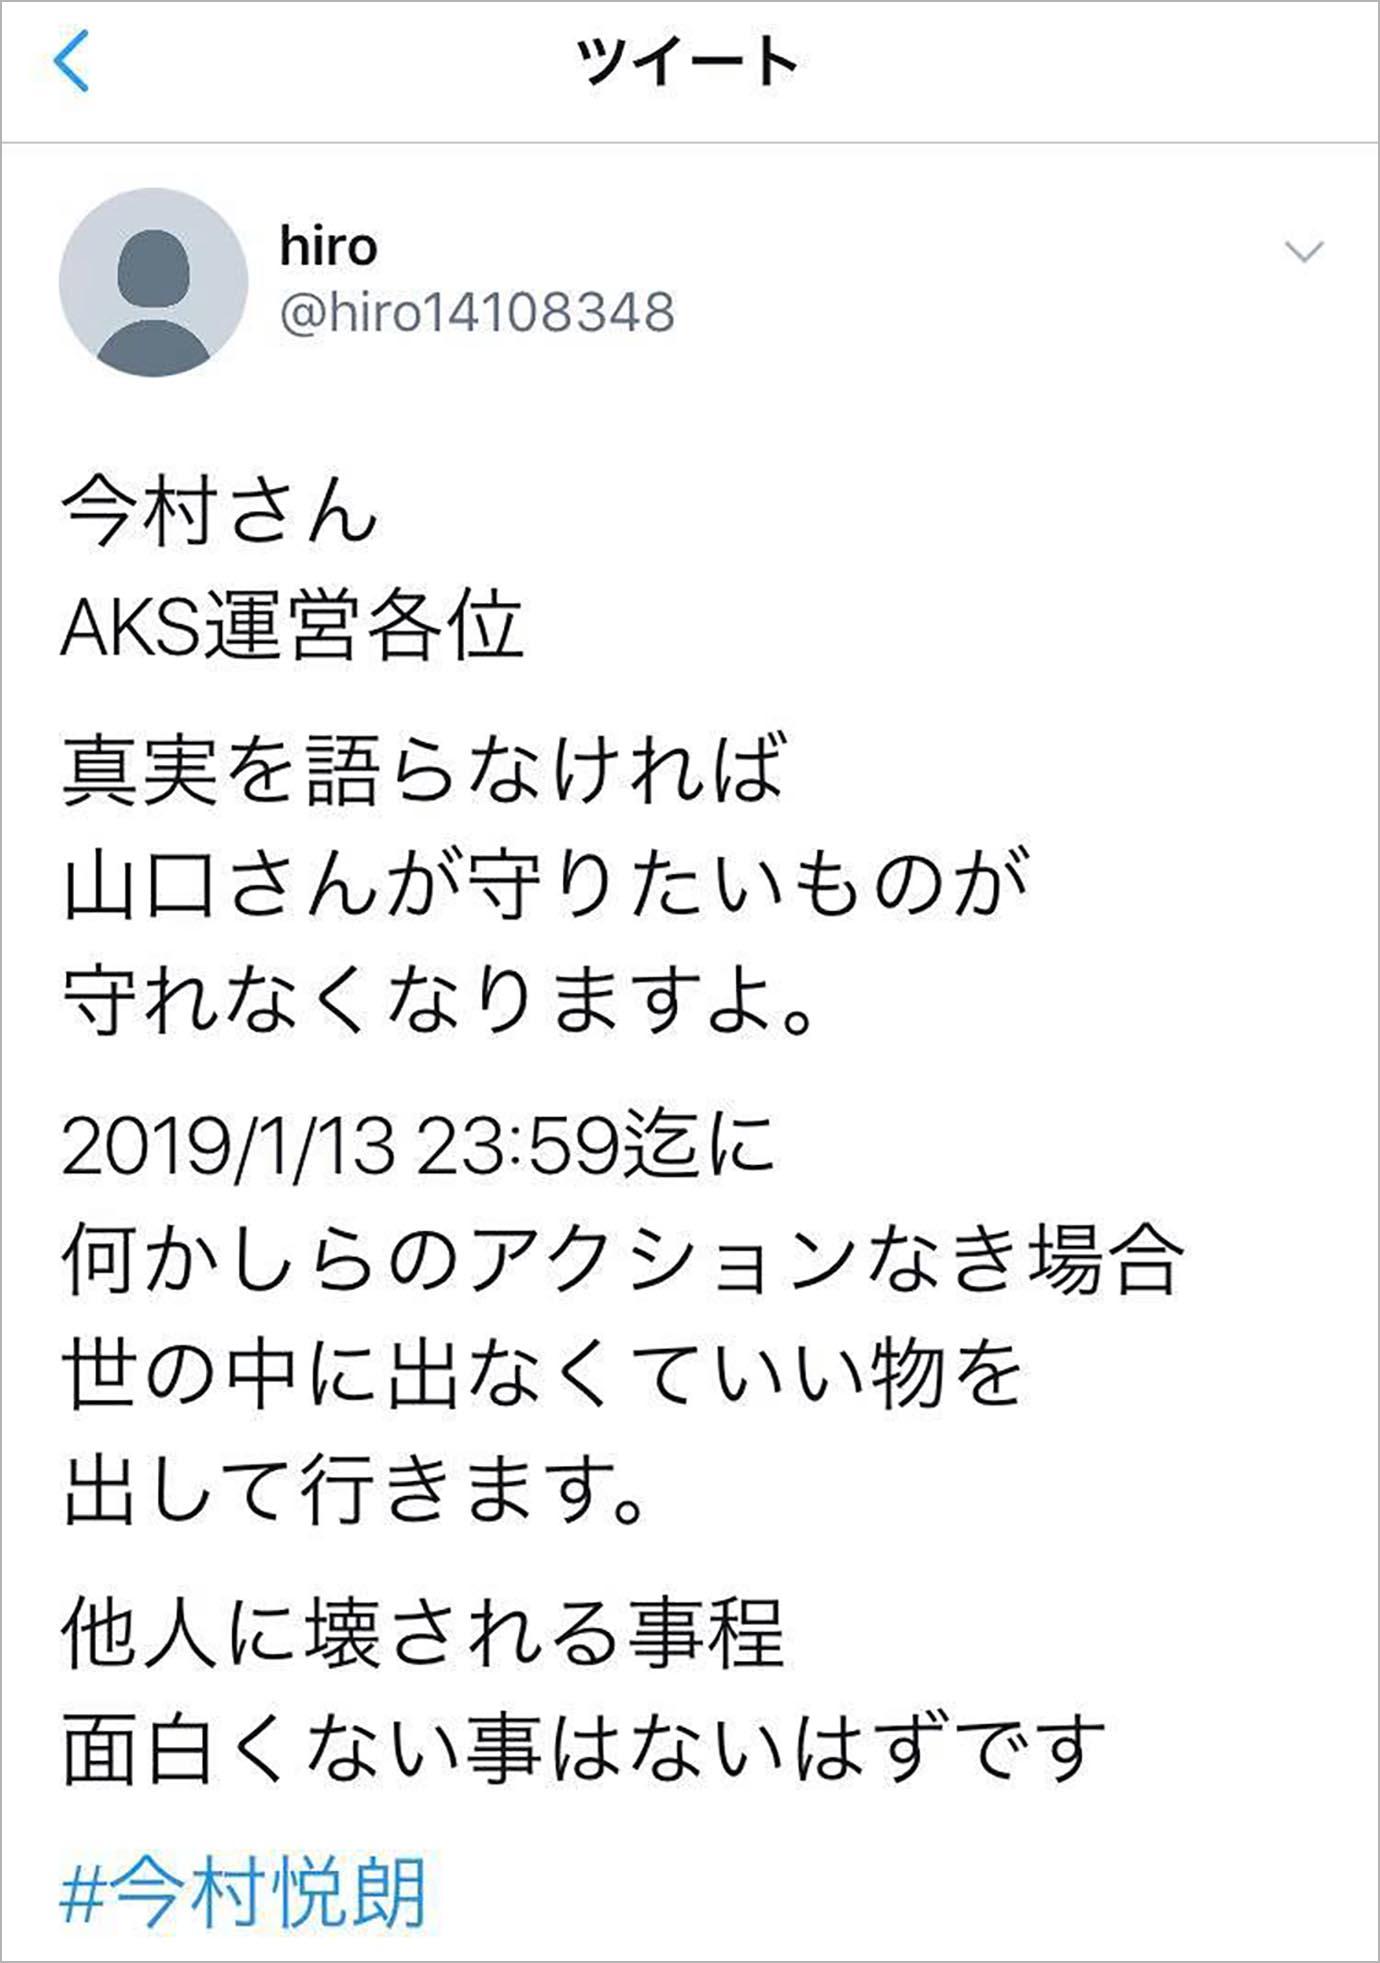 ngt48-yamaguchi-hiro1408348-03